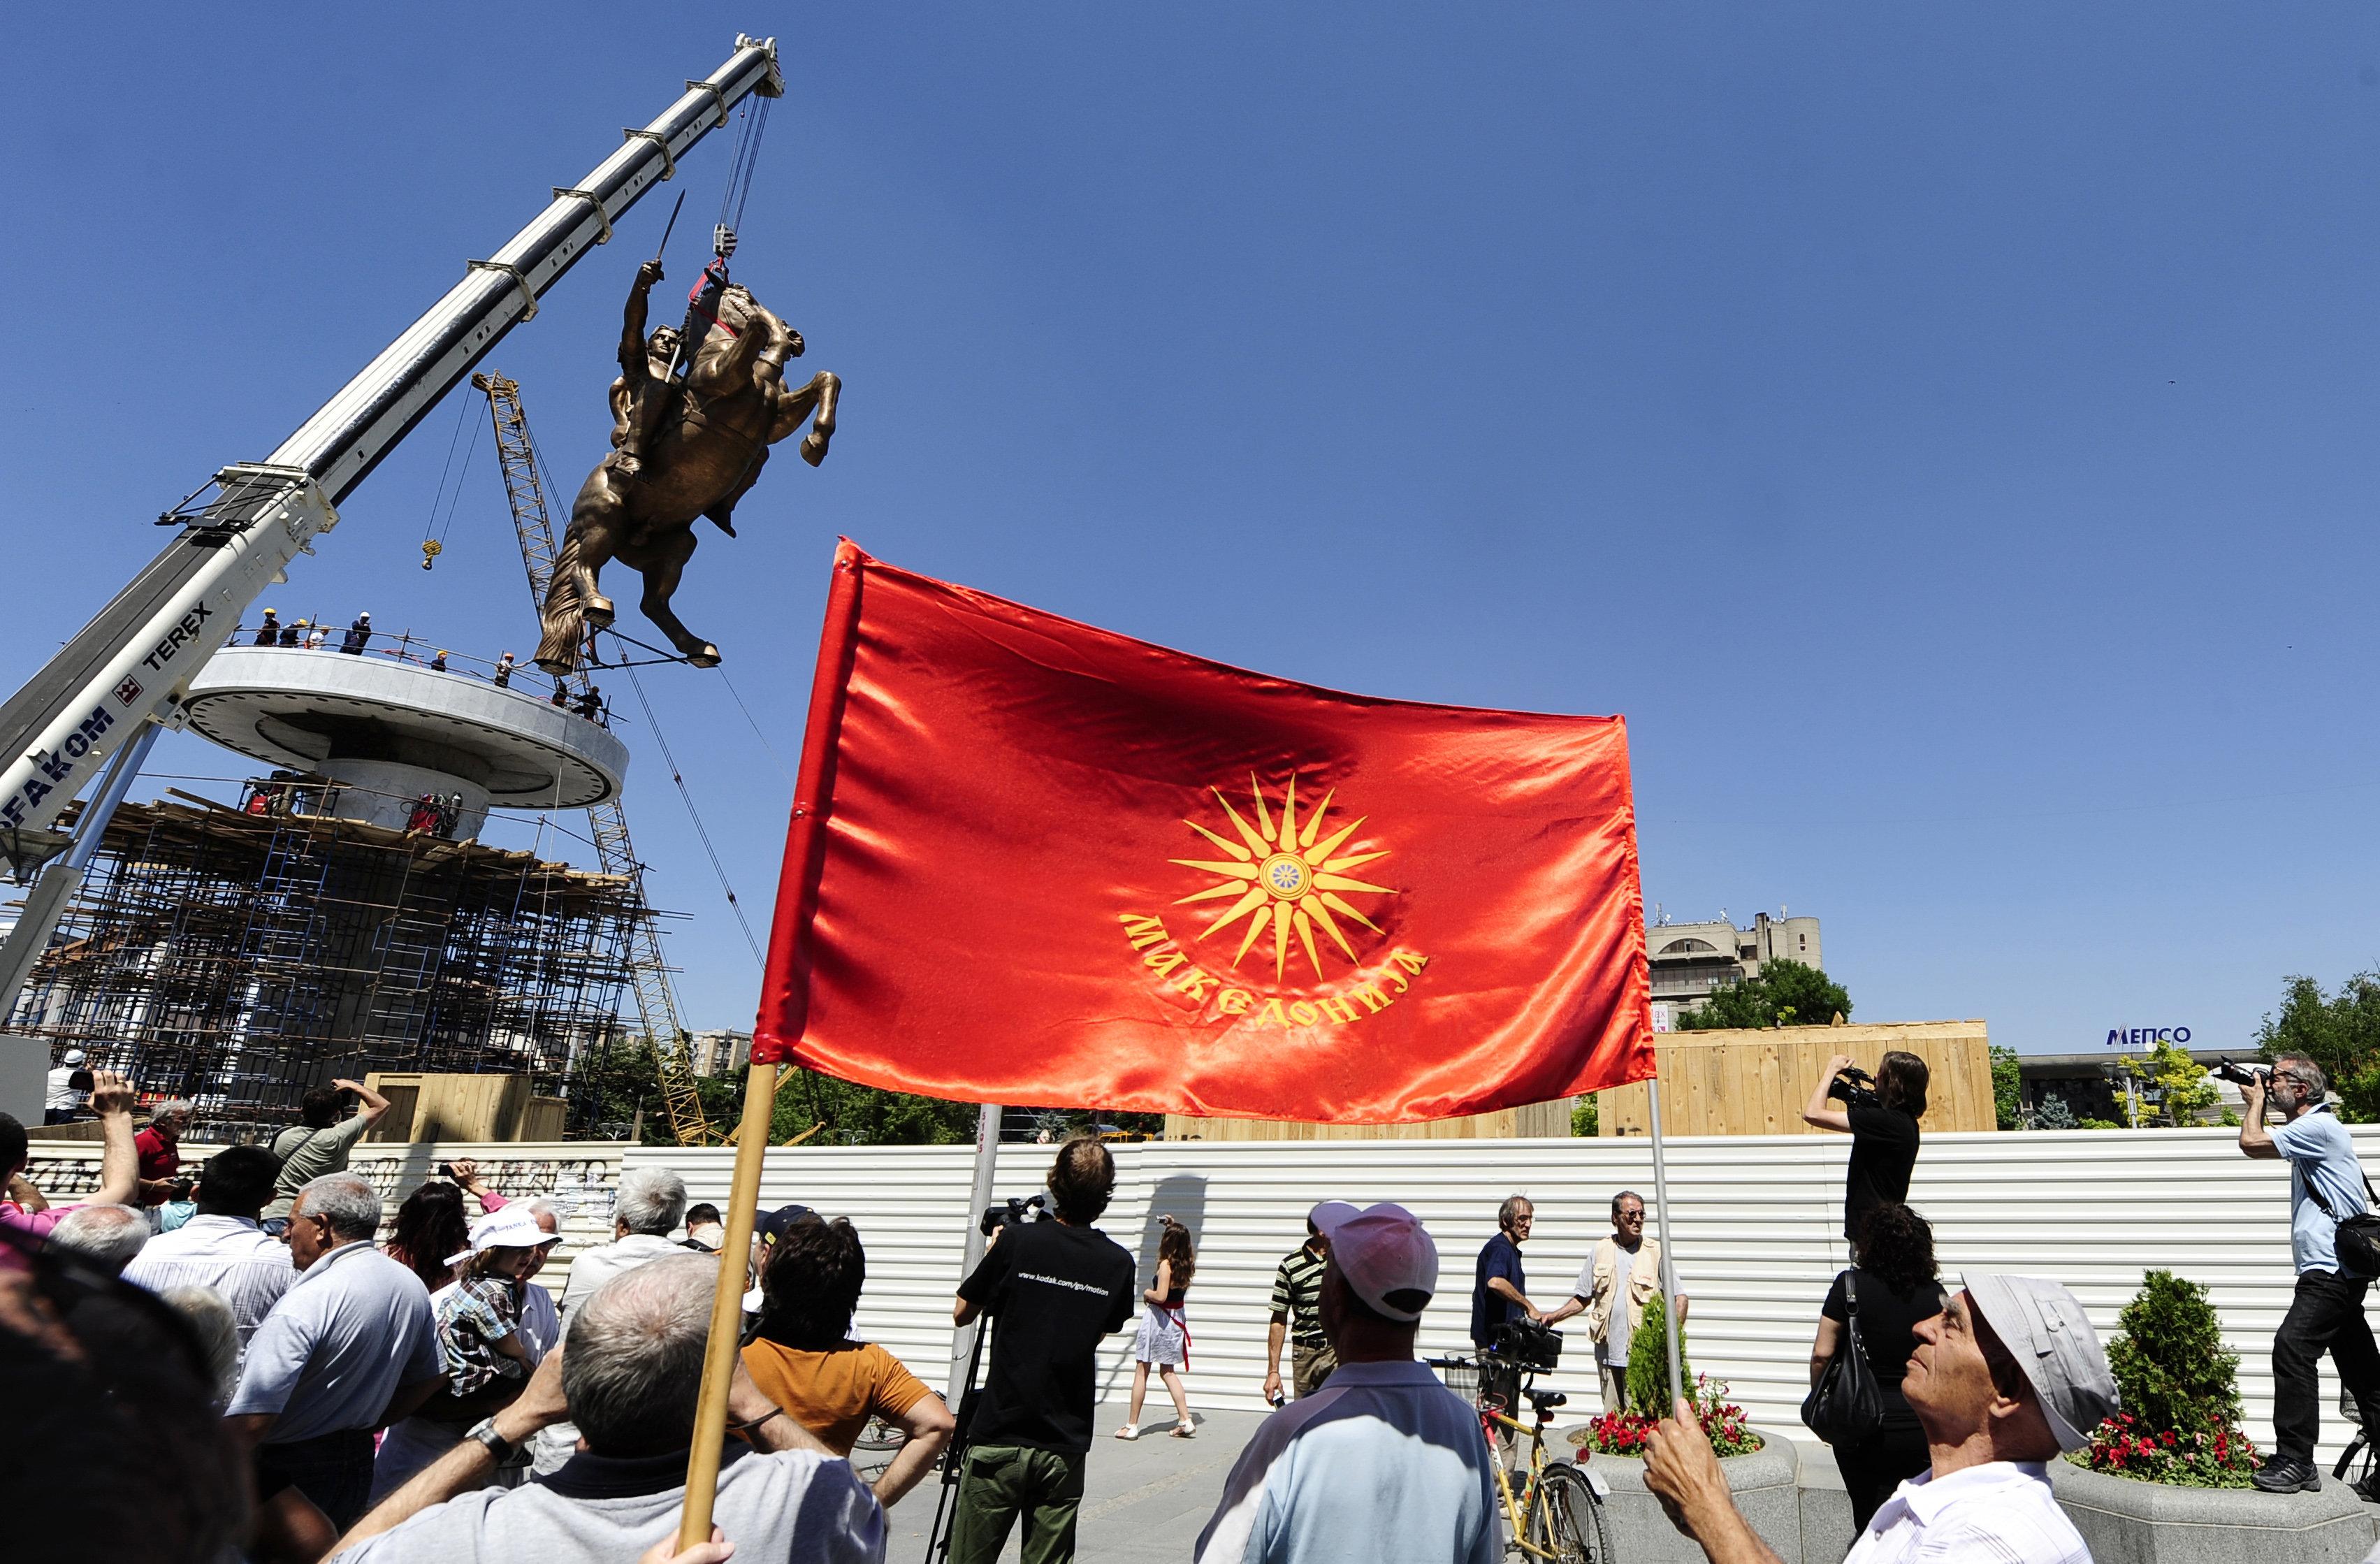 Τα προβληματικά άρθρα του Συντάγματος της πΓΔΜ